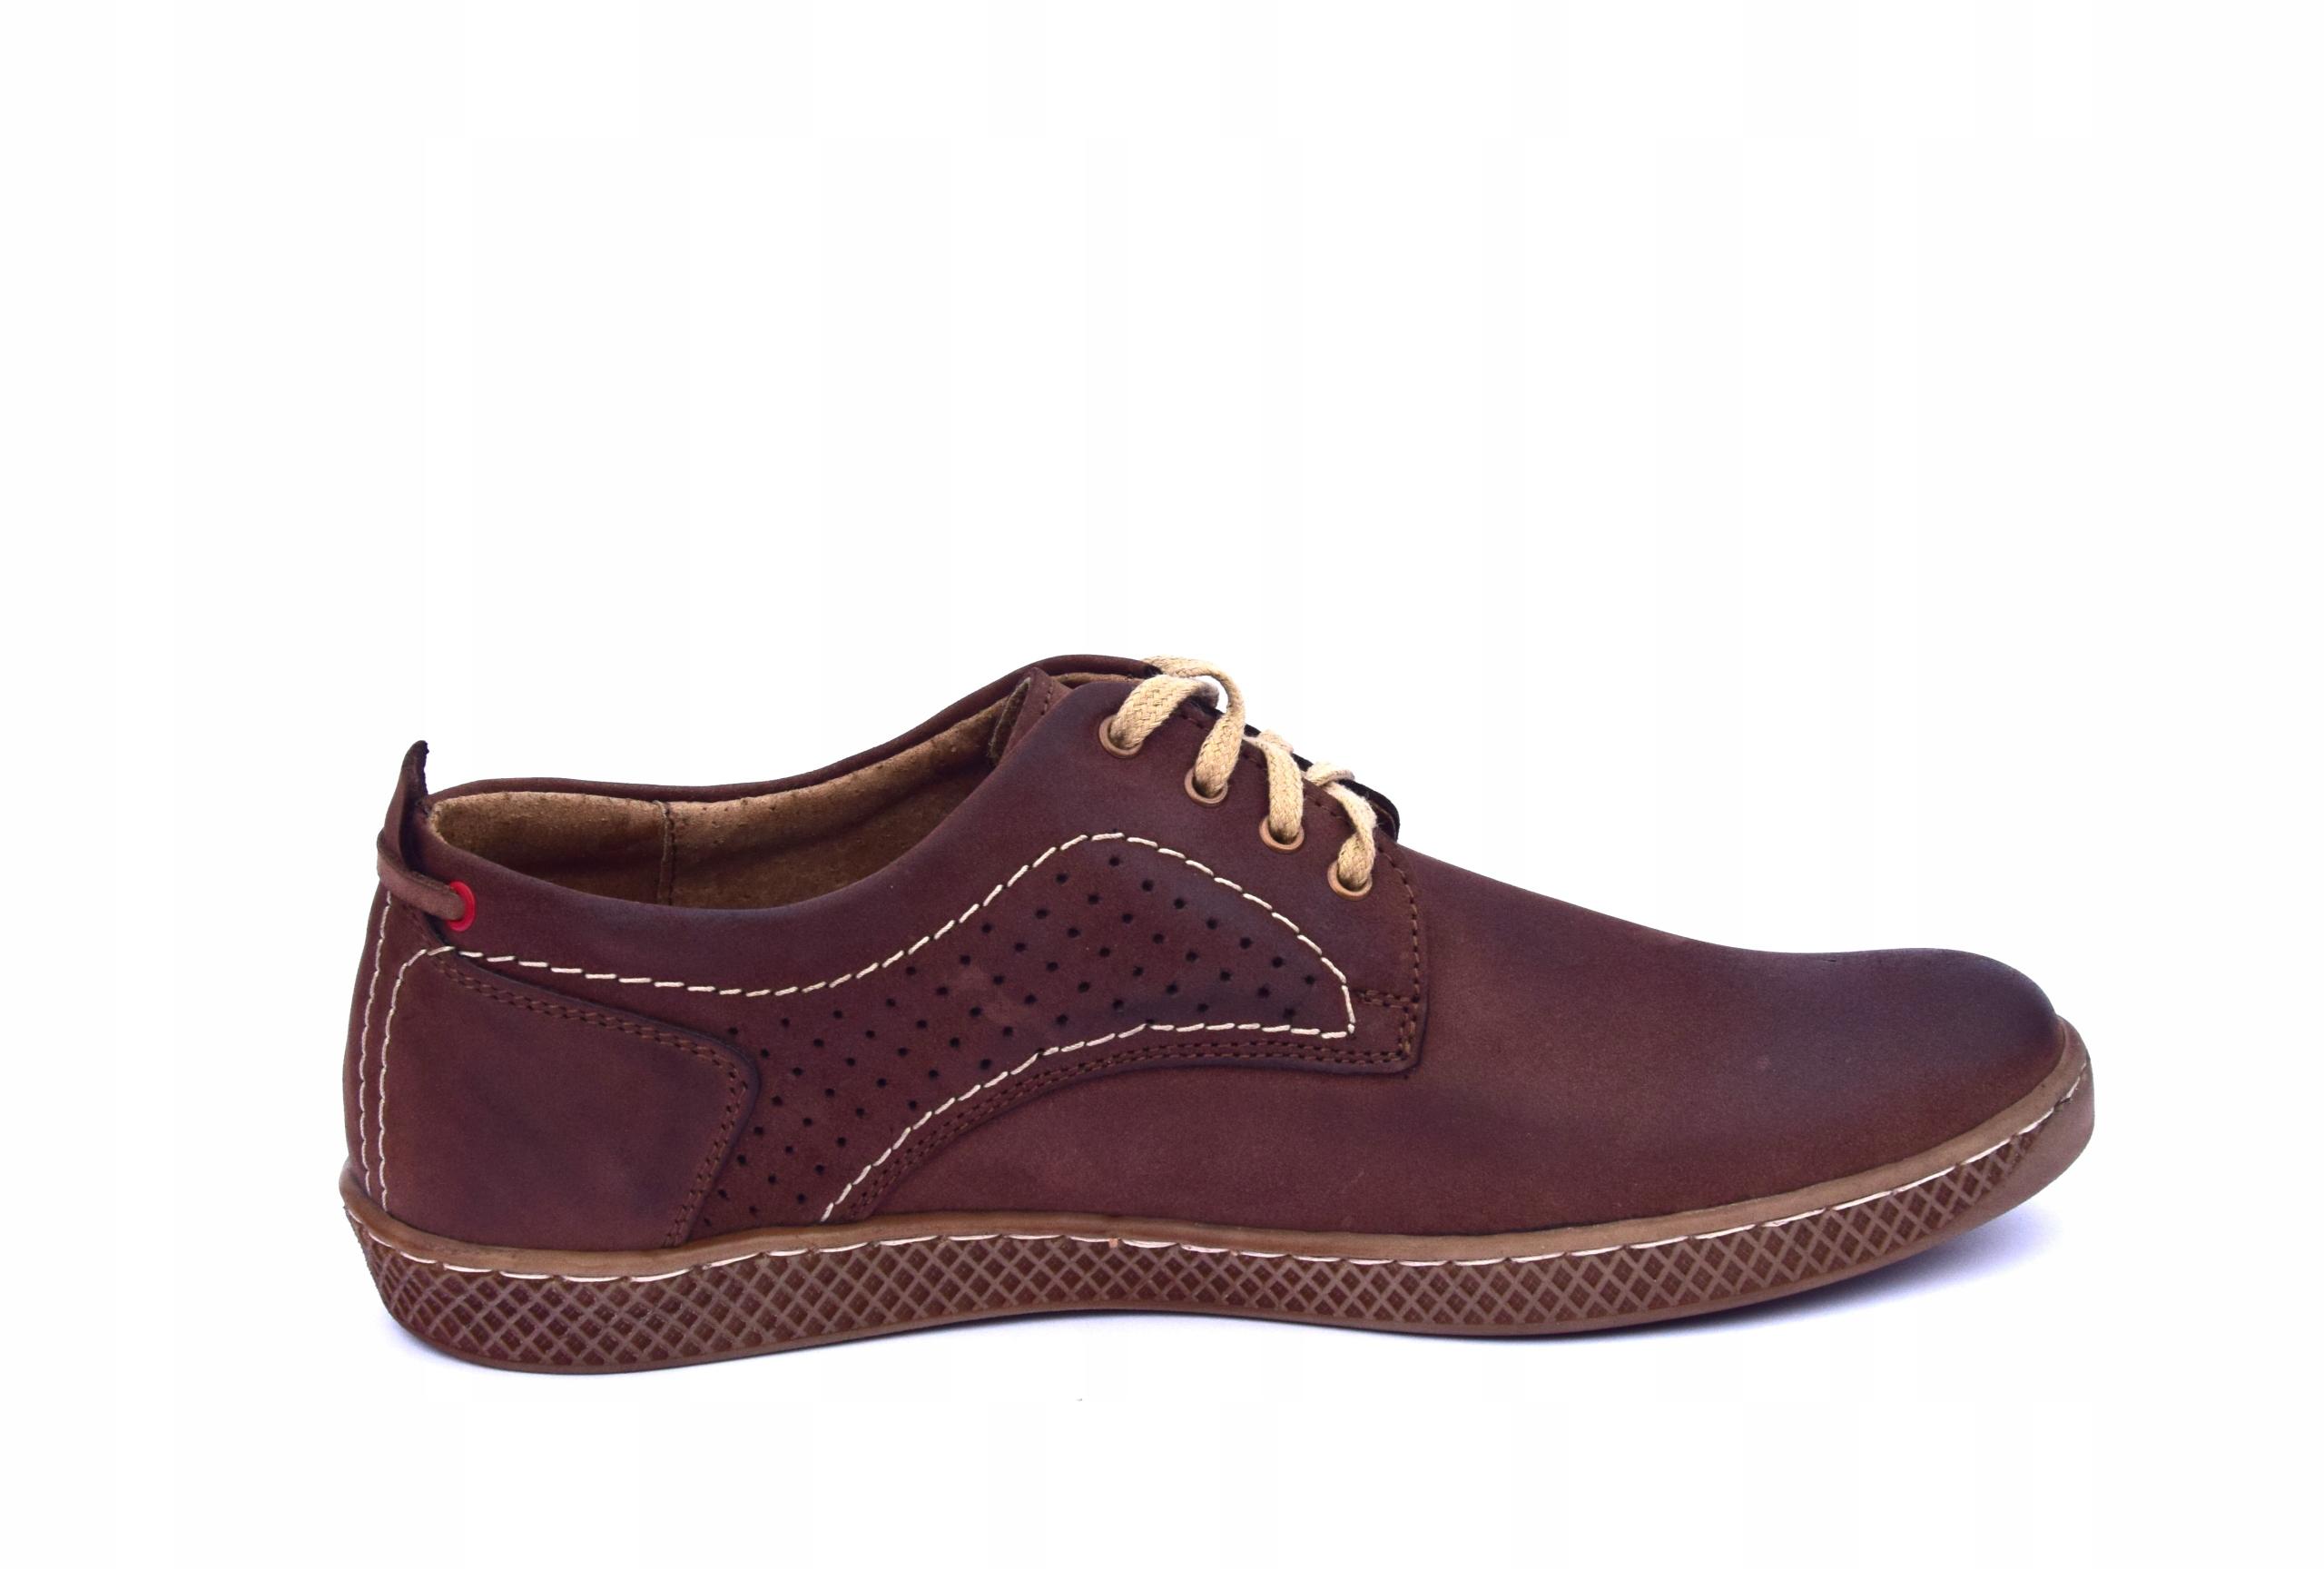 Półbuty skórzane męskie brązowe buty polskie 302 Rozmiar 41